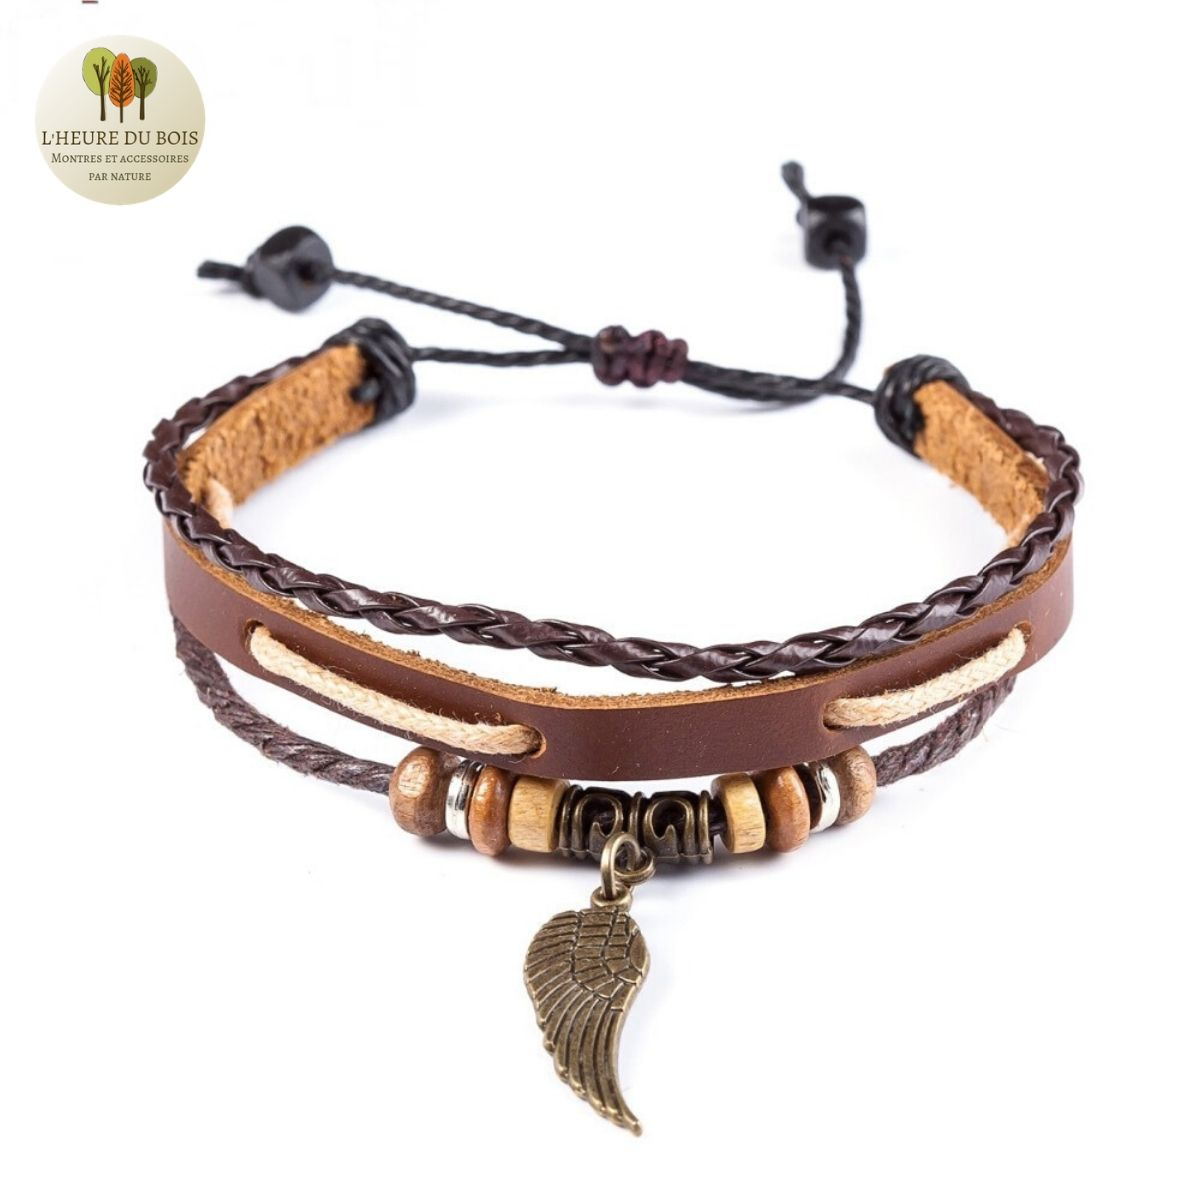 Bracelet en cuir et perle de bois aile